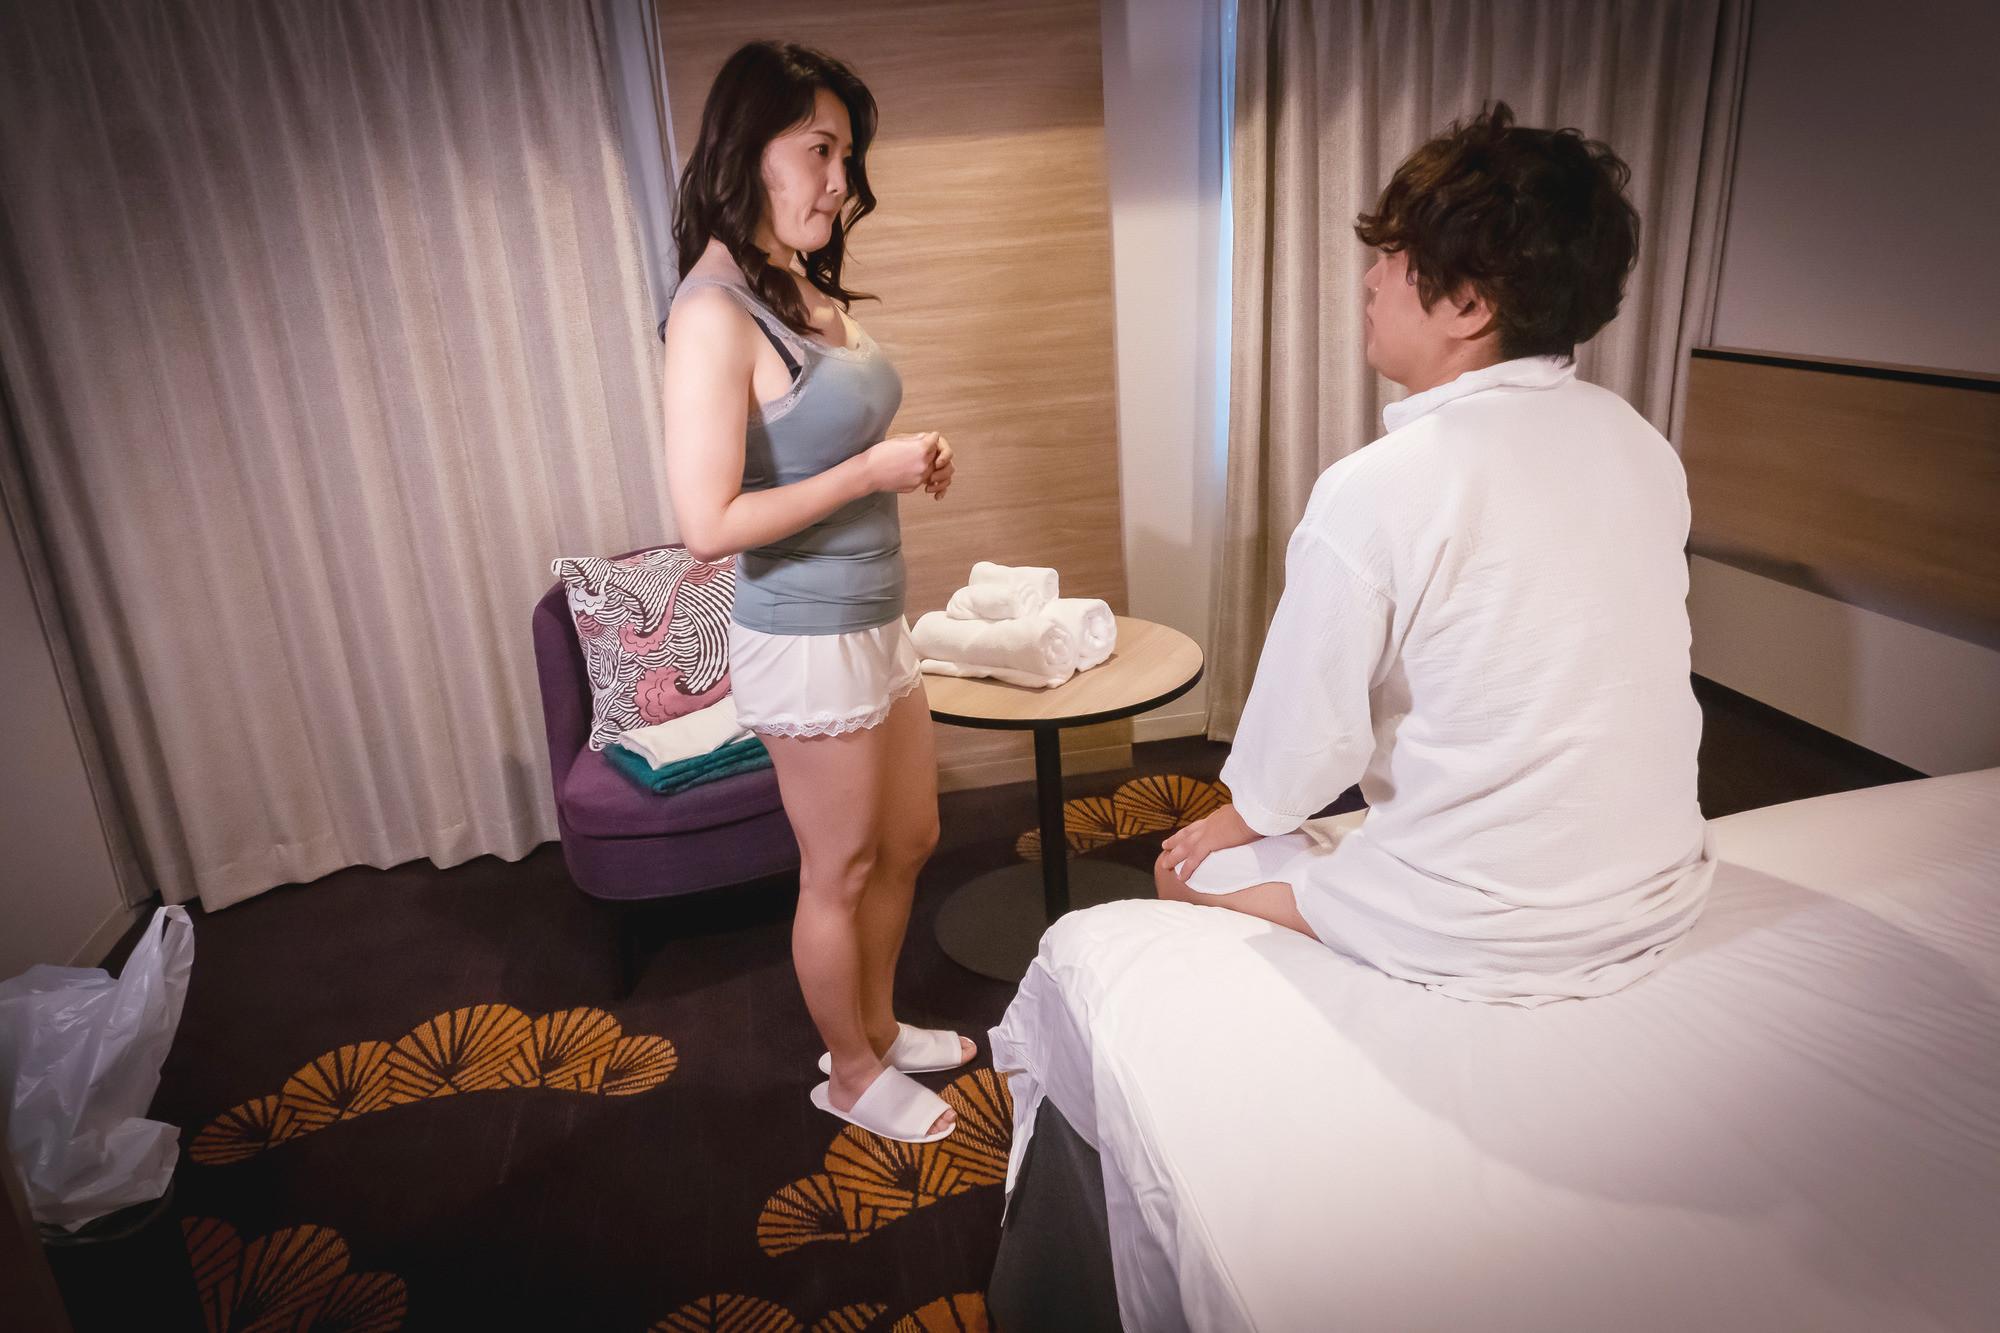 坂本○美似な四十路熟女の美巨乳を堪能! ゆり子48歳 画像1